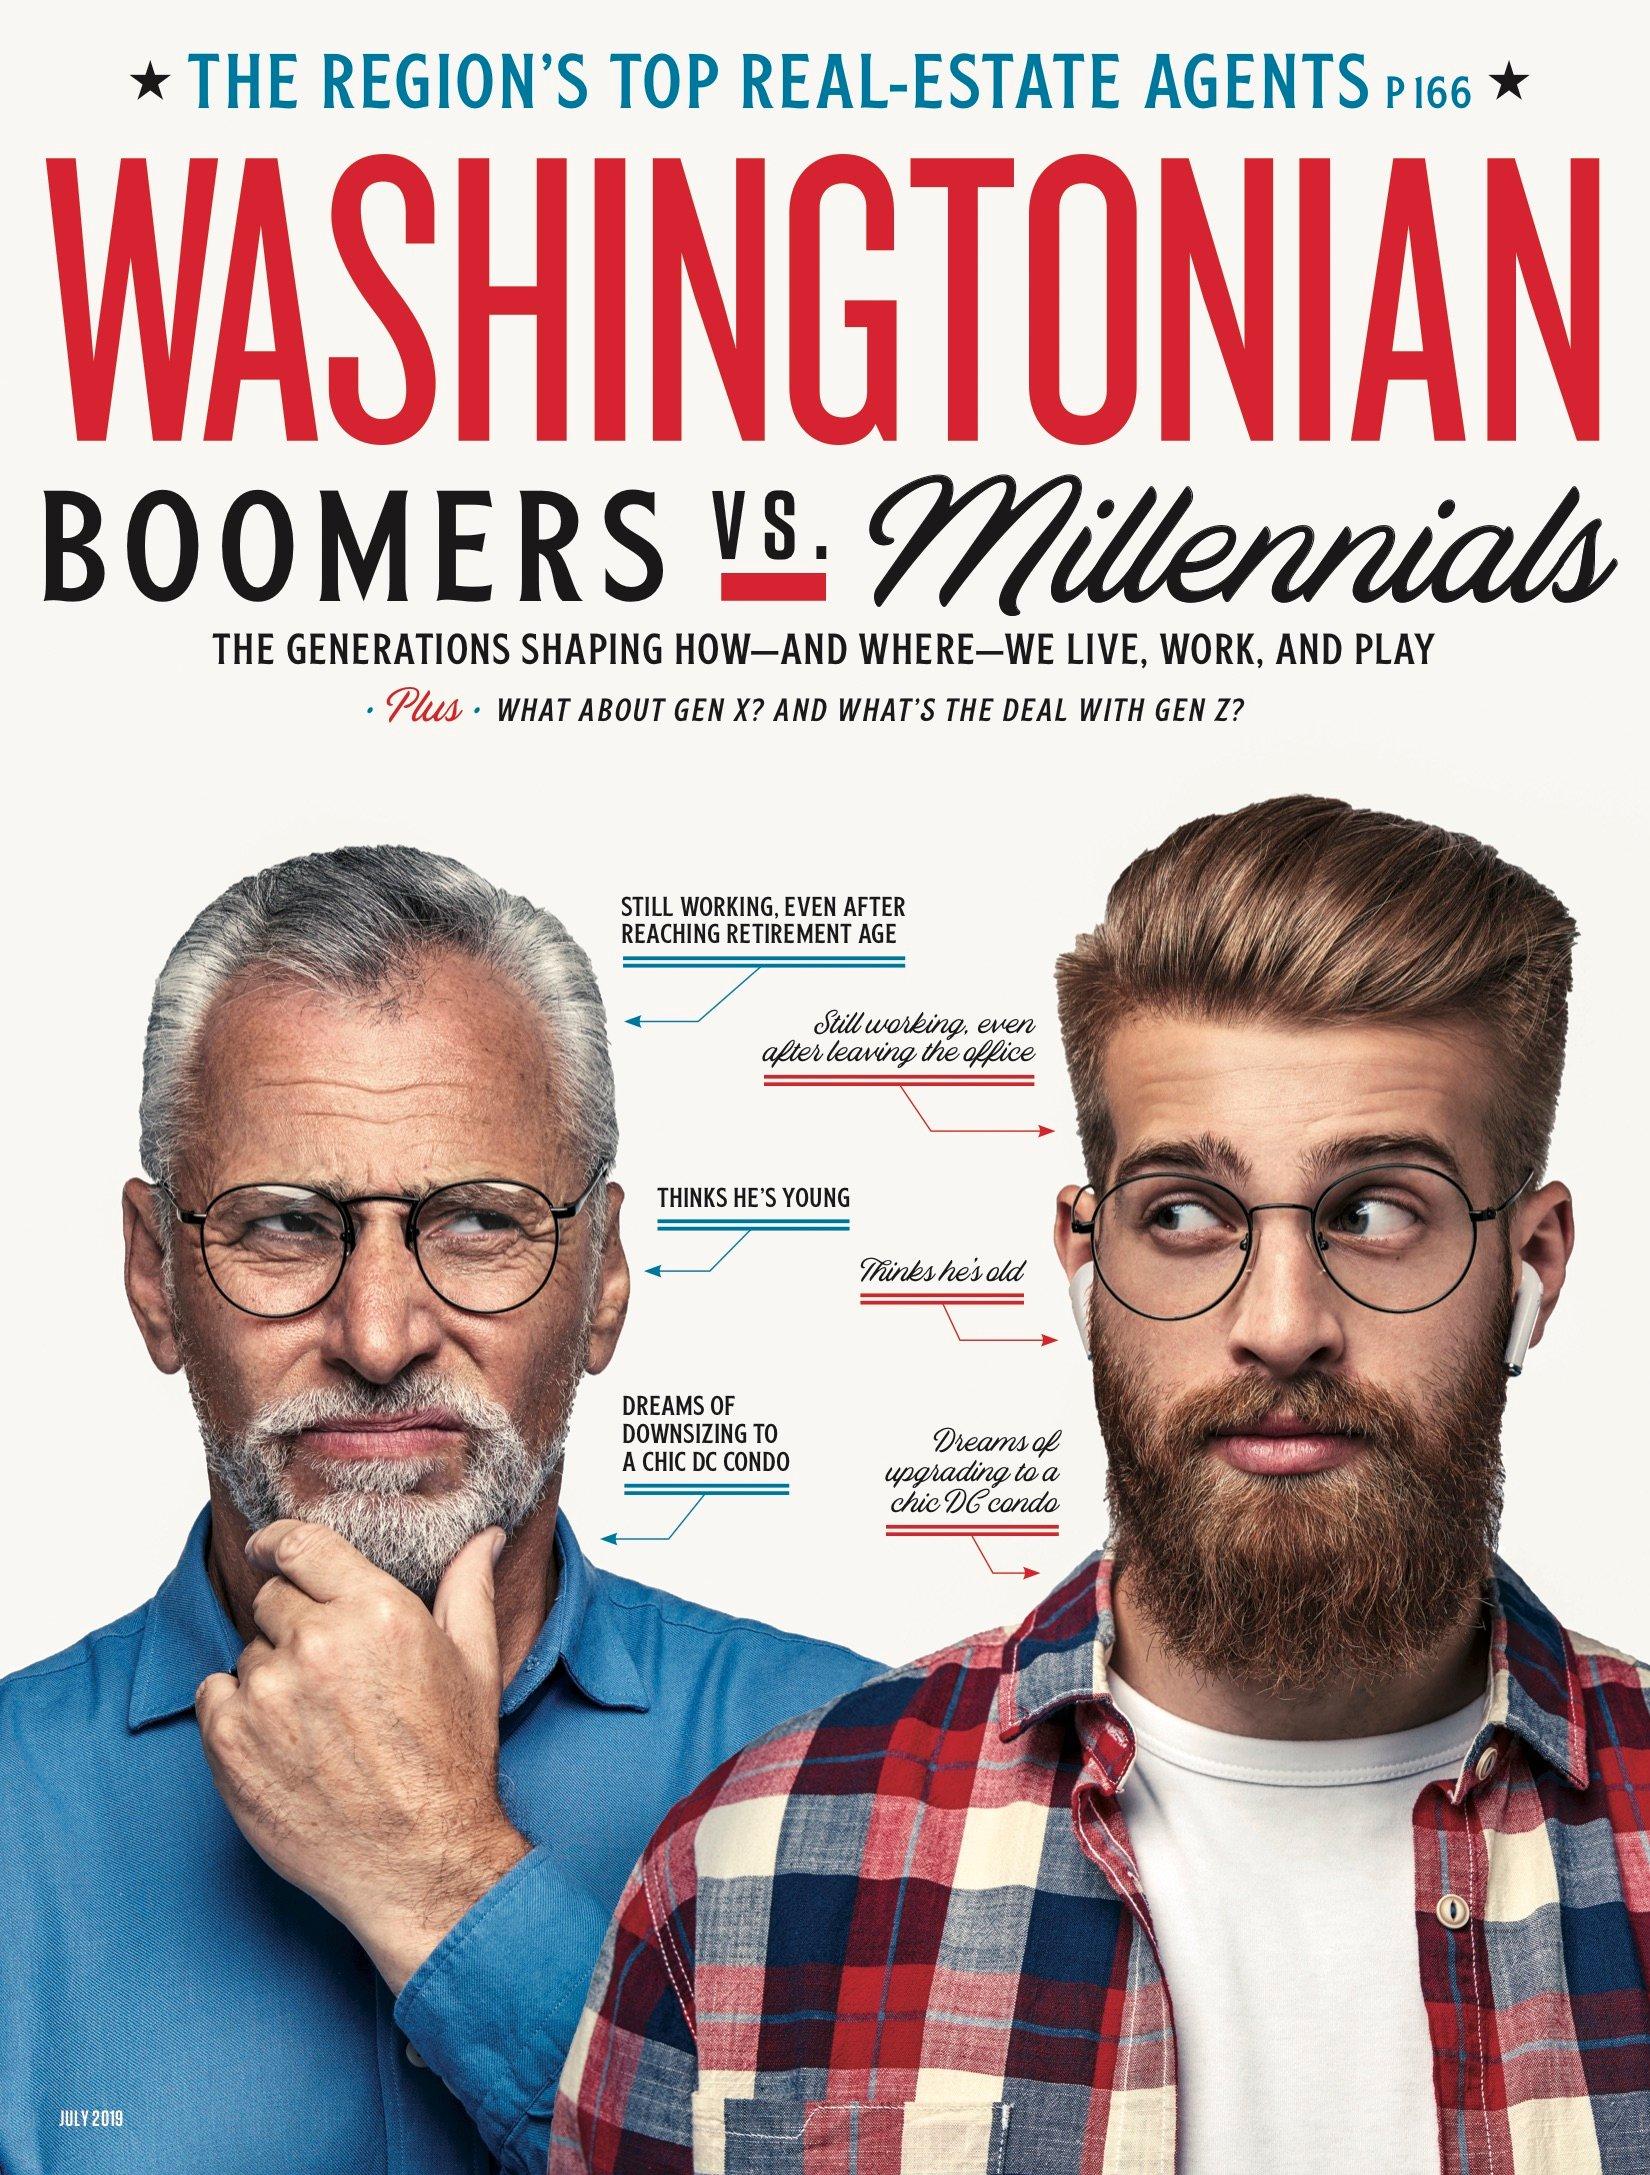 July 2019: Boomers vs. Millennials